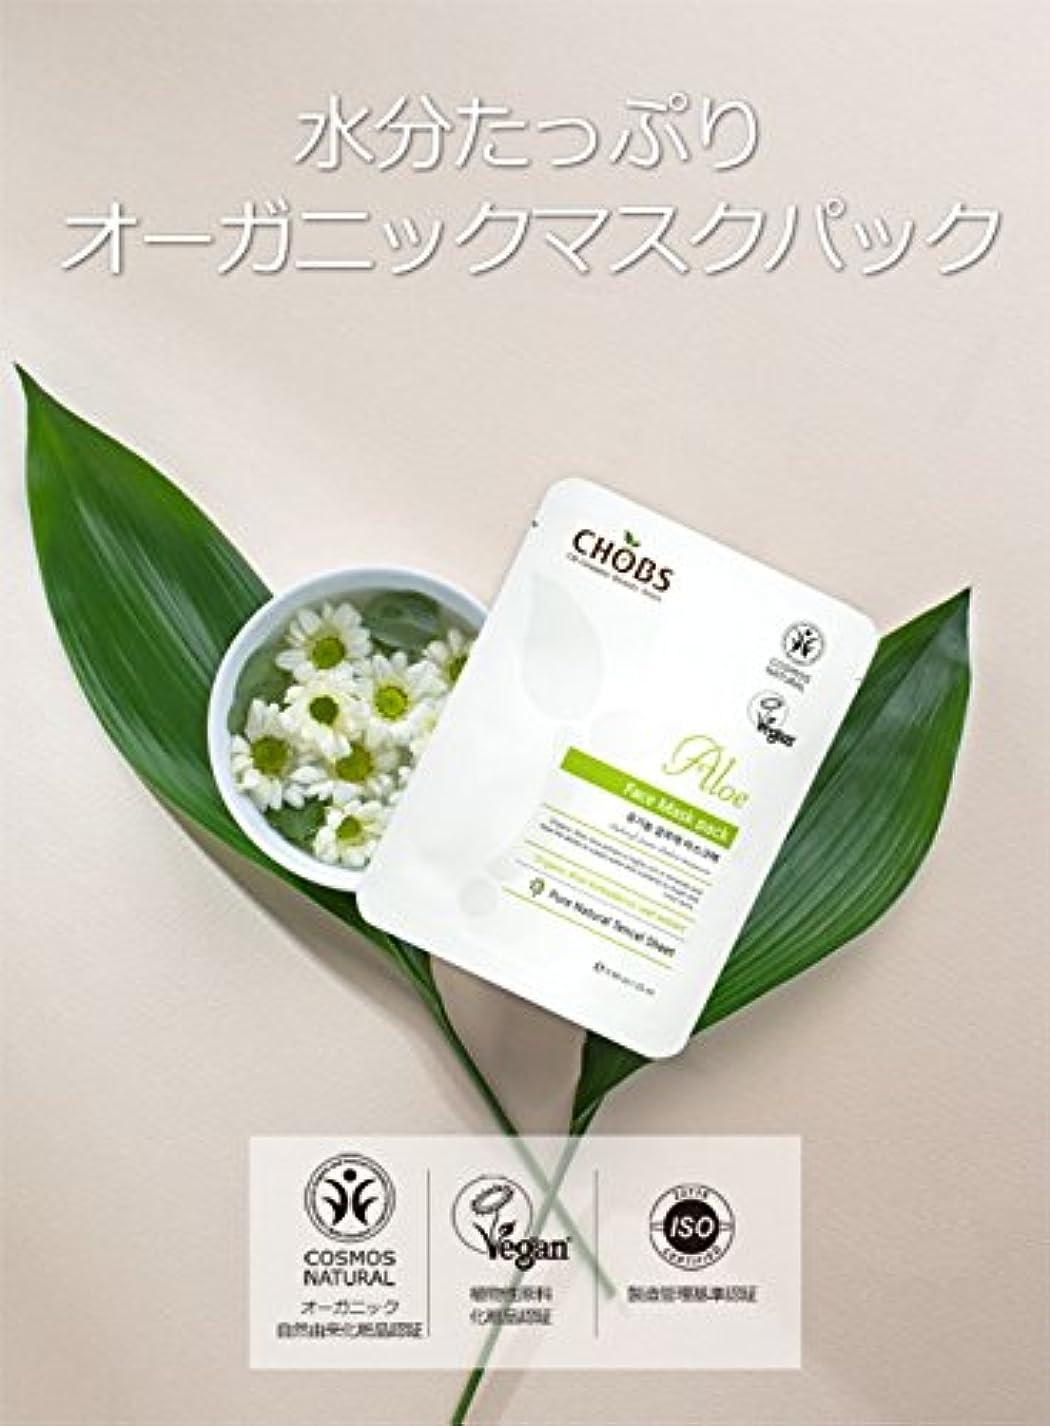 しおれた報告書アジア人CHOBS オーガニック 天然化粧品 韓国コスメ マスクパック (アロエ) 10枚入り